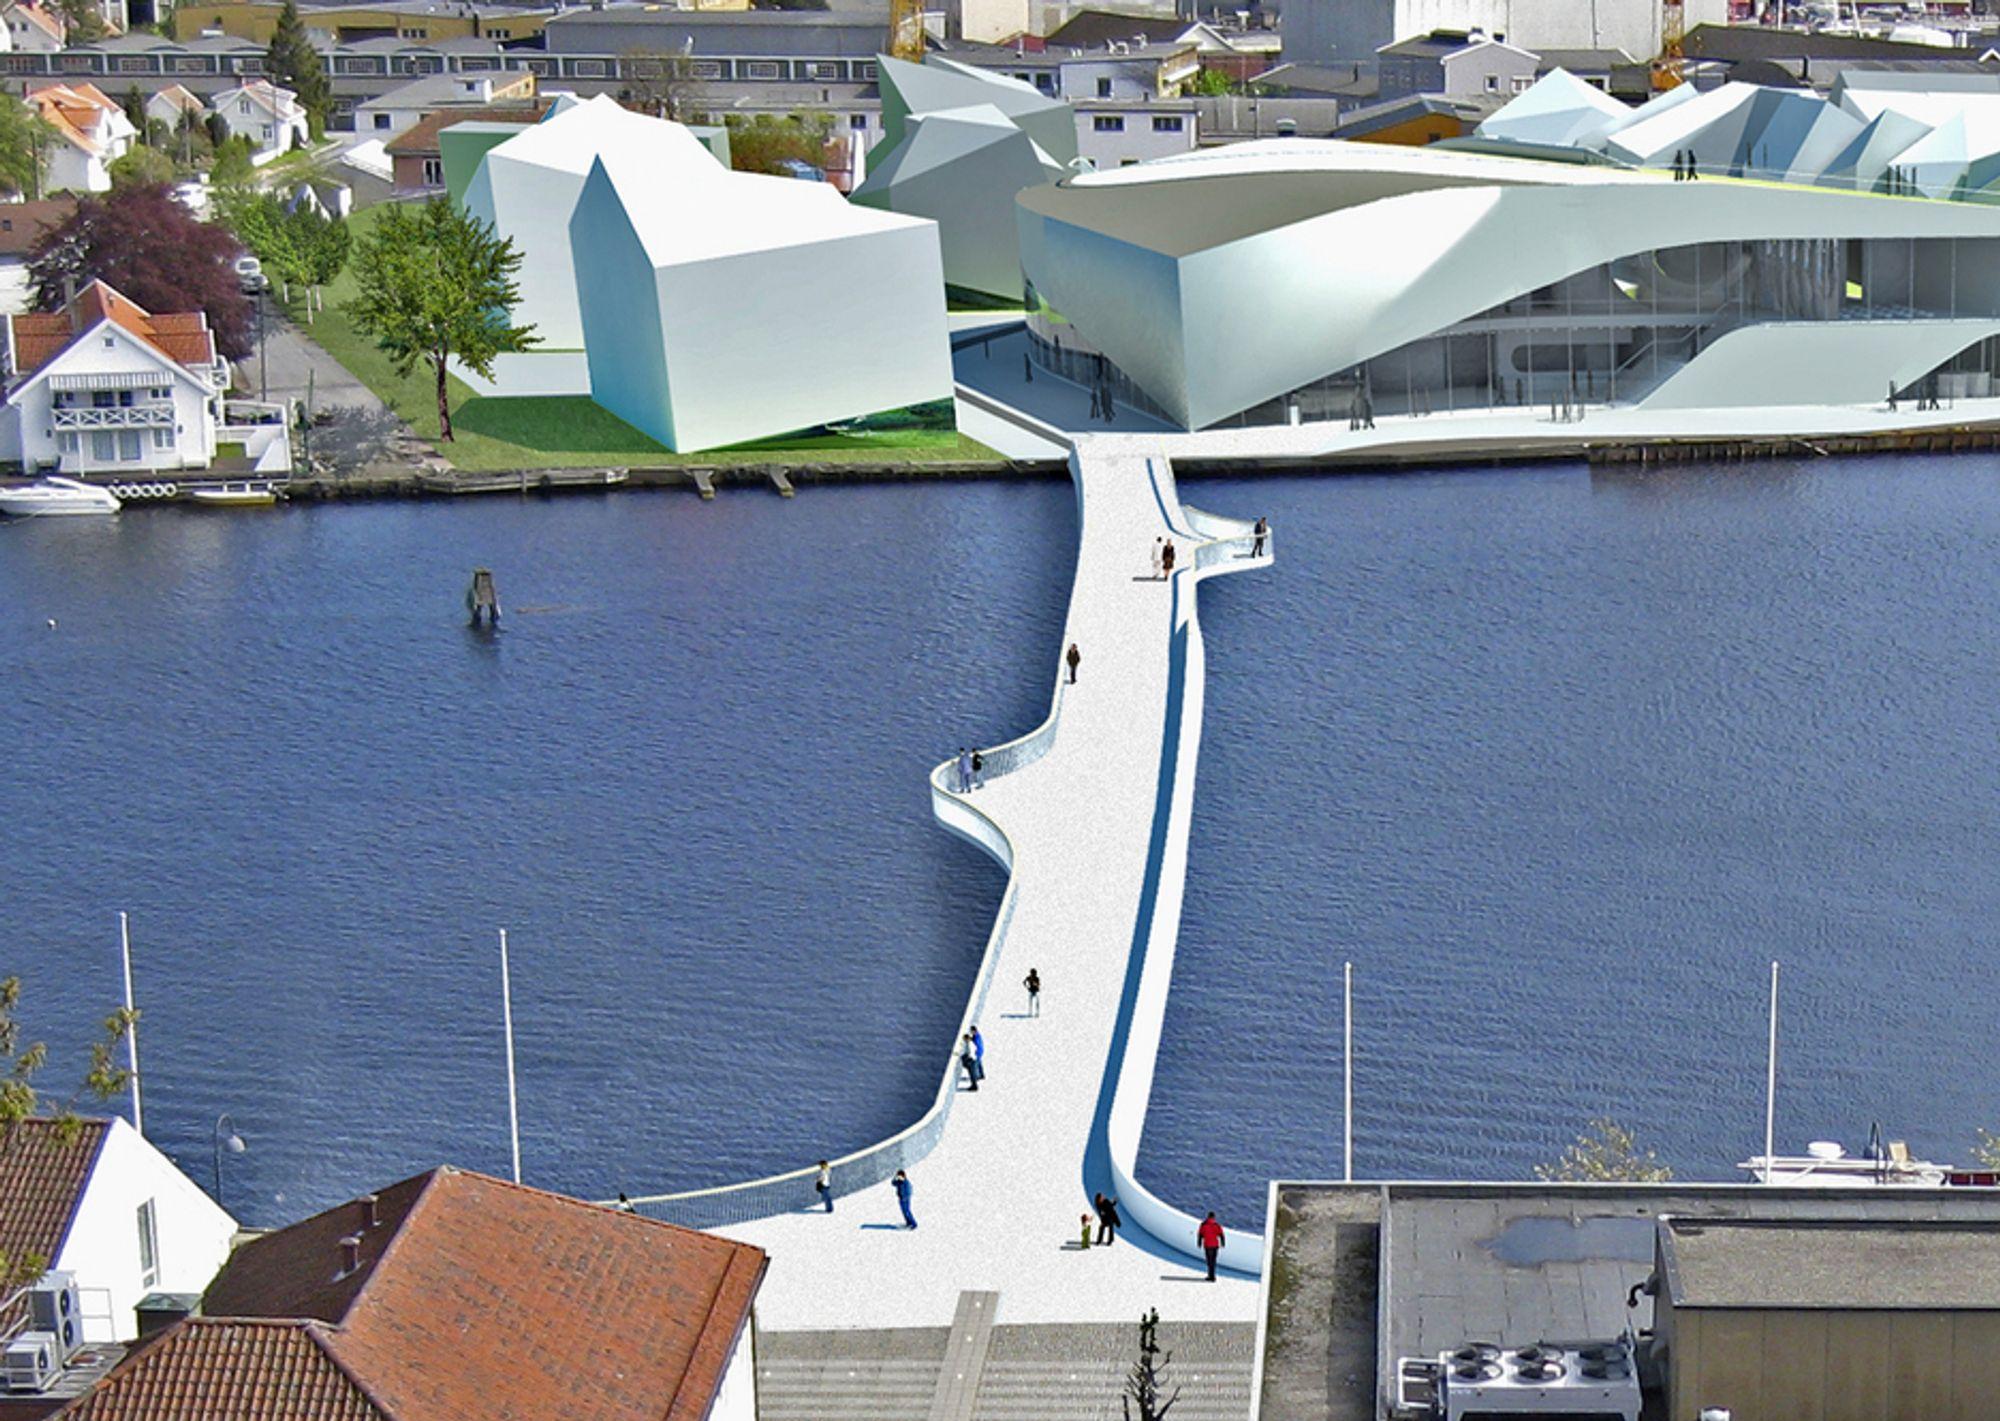 Den nye gang/sykkelbrua vil gjøre det lettere å krysse Mandalselva. Kulturhuset som er under bygging, er tegnet ved elvebredden. Anbudsfristen går ut 22. november.